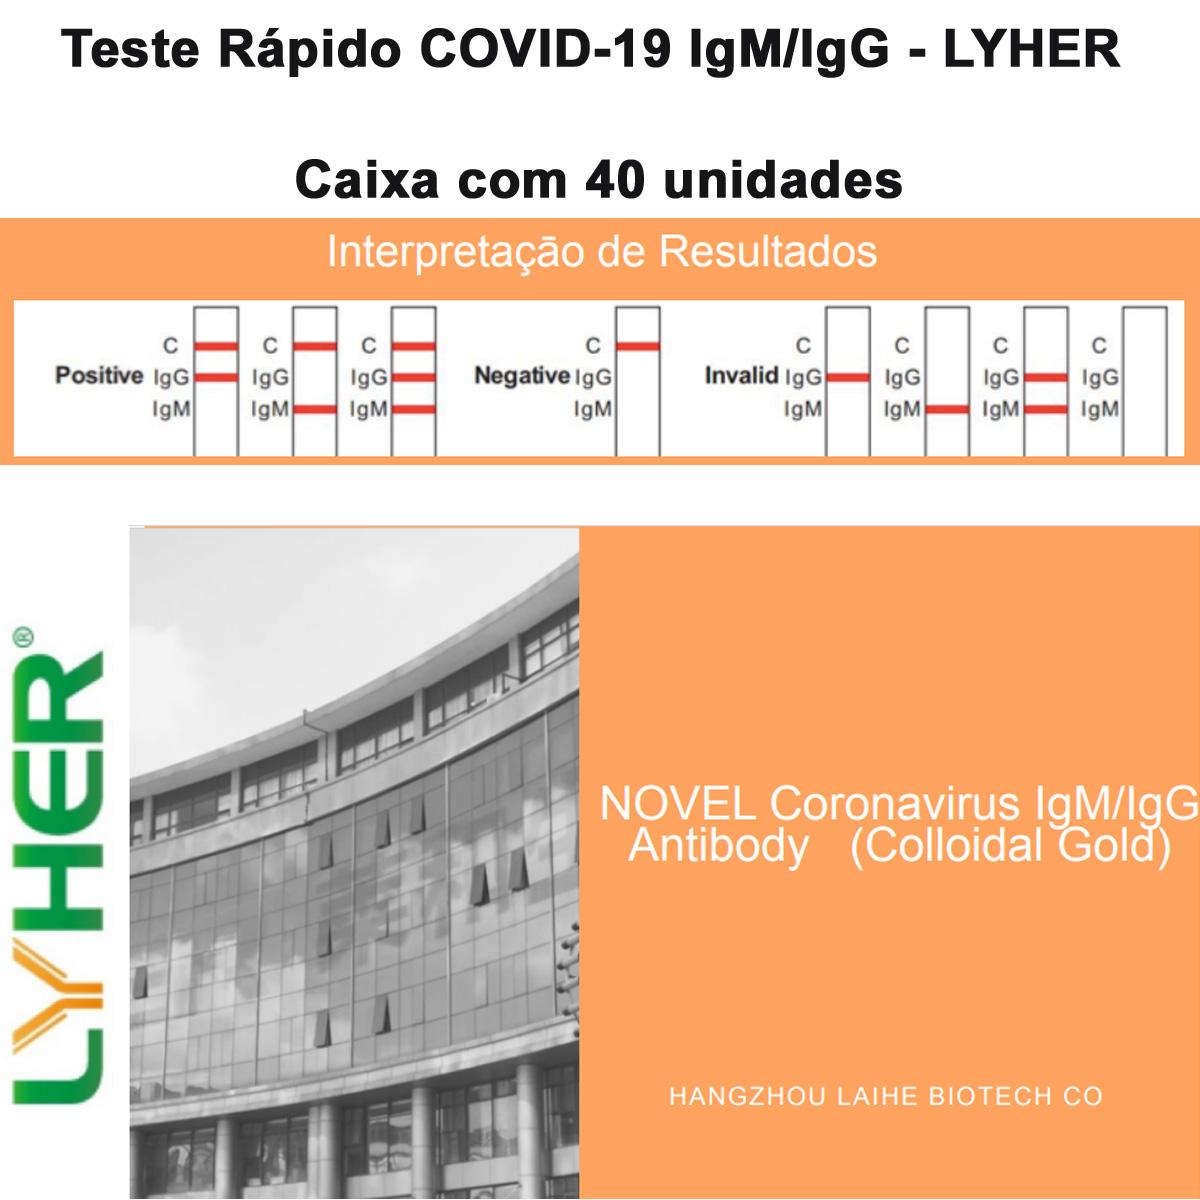 Teste Rápido COVID-19 IgM/IgG - LYHER - Caixa com 40 unidades  - Testes Para COVID e Drogas. Máscaras Descartáveis e Suplementos e Anti Tabaco